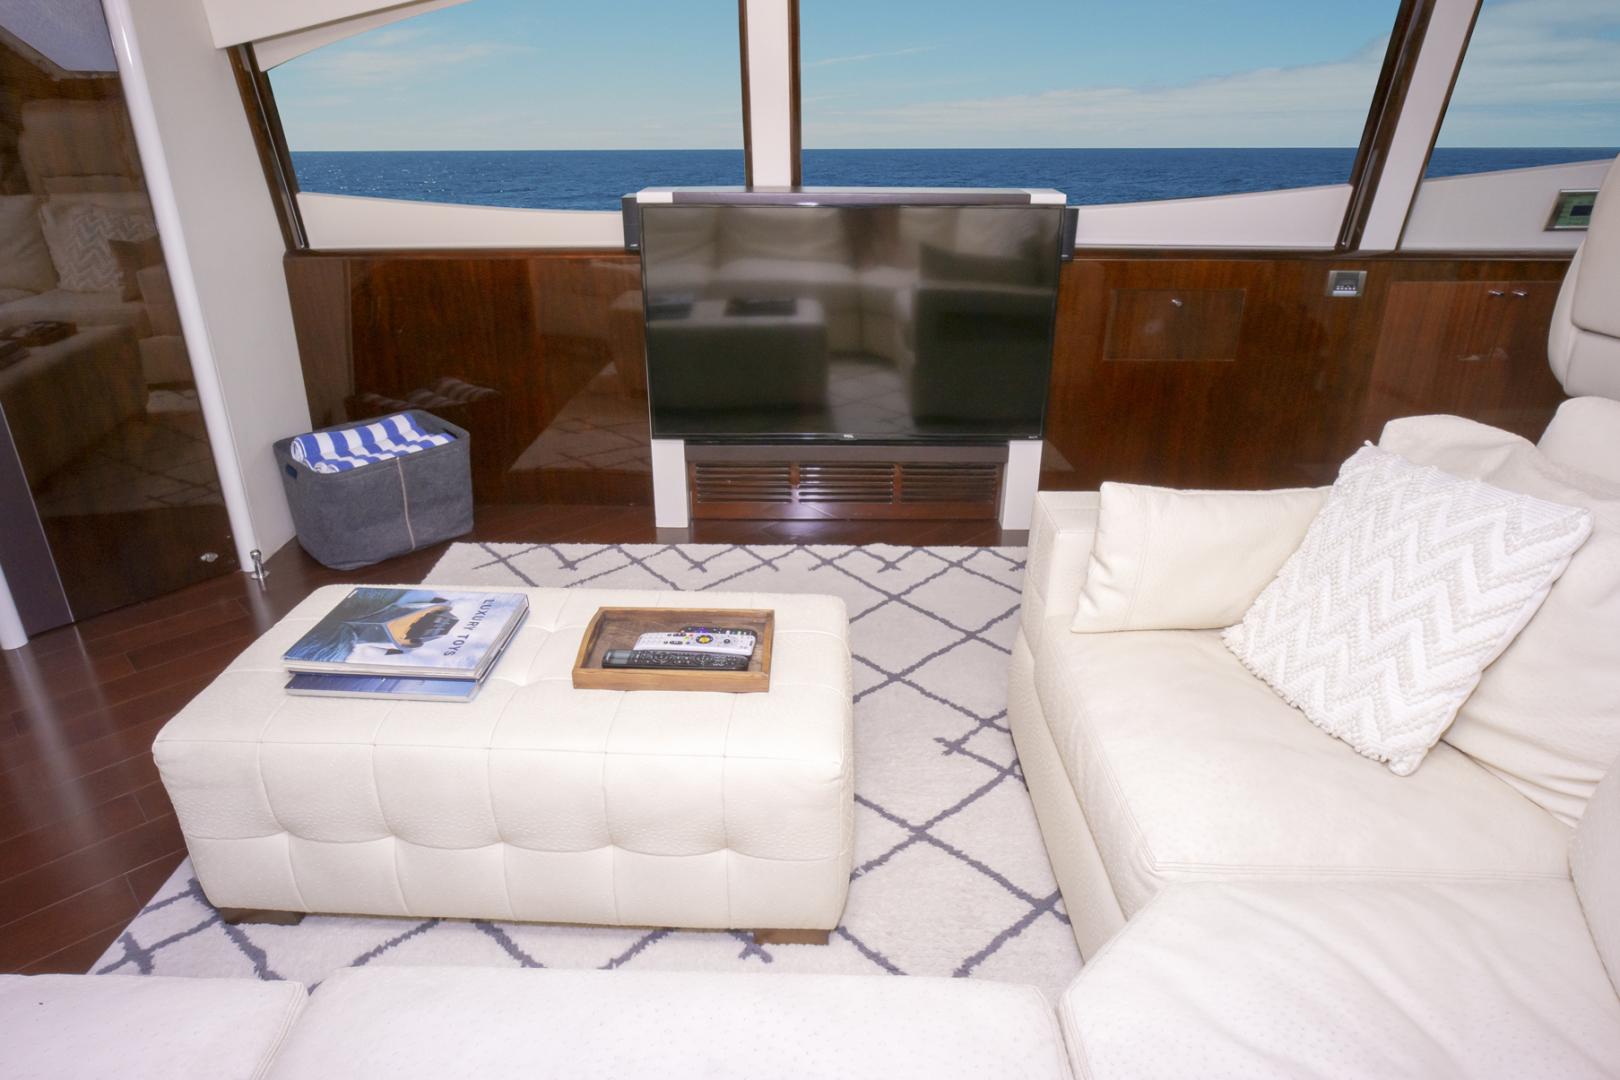 Lazzara-LSX 2007-Salacia Miami Beach-Florida-United States-1578218 | Thumbnail